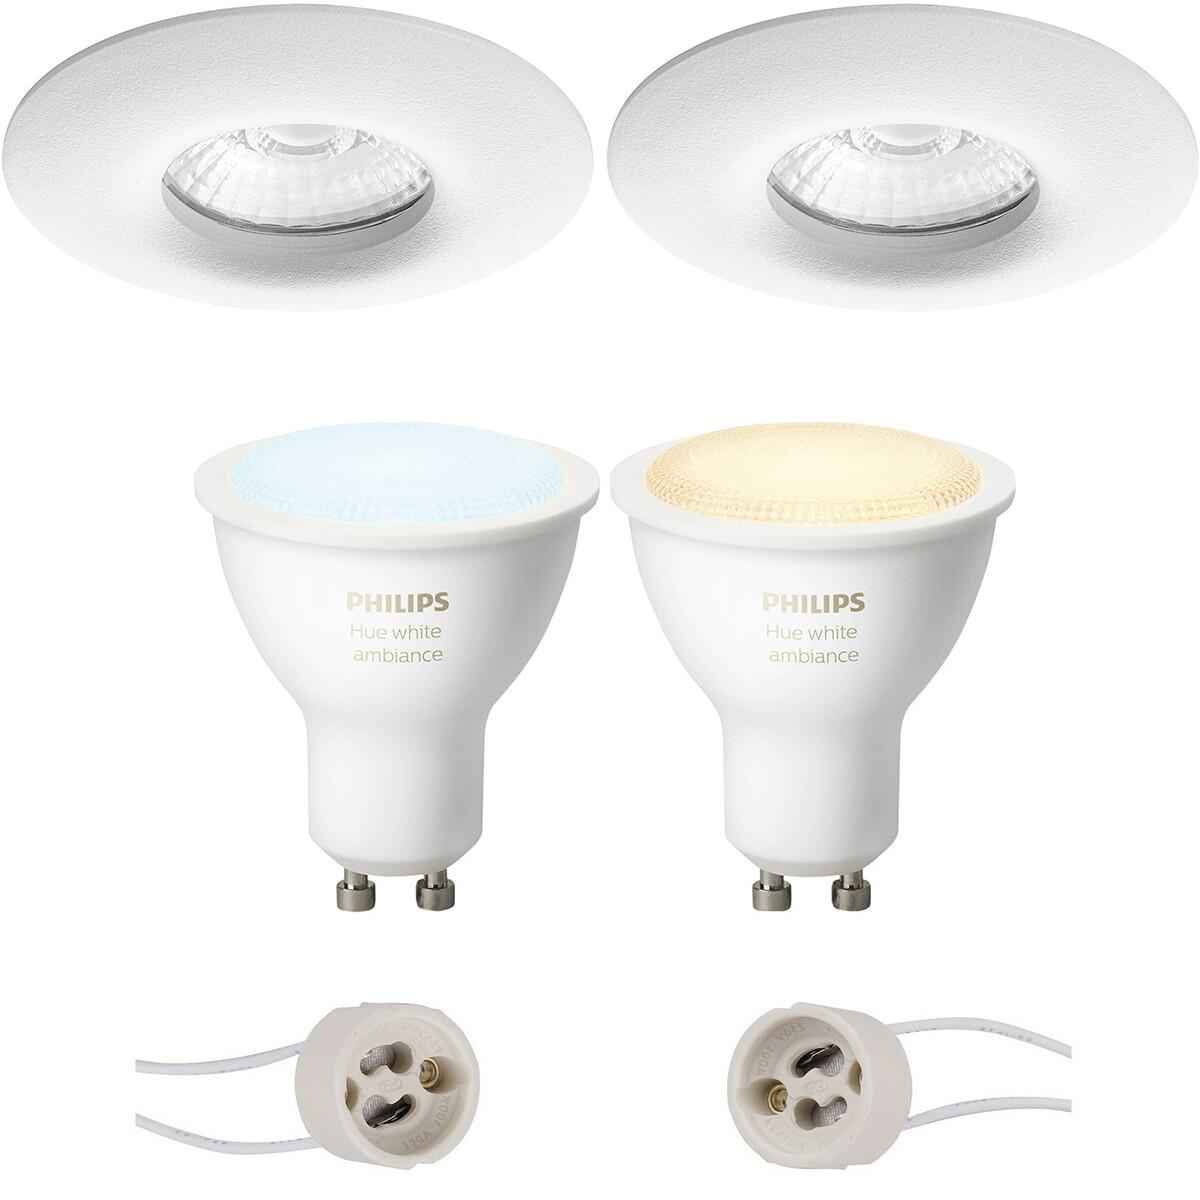 Pragmi Luno Pro - Waterdicht IP65 - Inbouw Rond - Mat Wit - Ø82mm - Philips Hue - LED Spot Set GU10